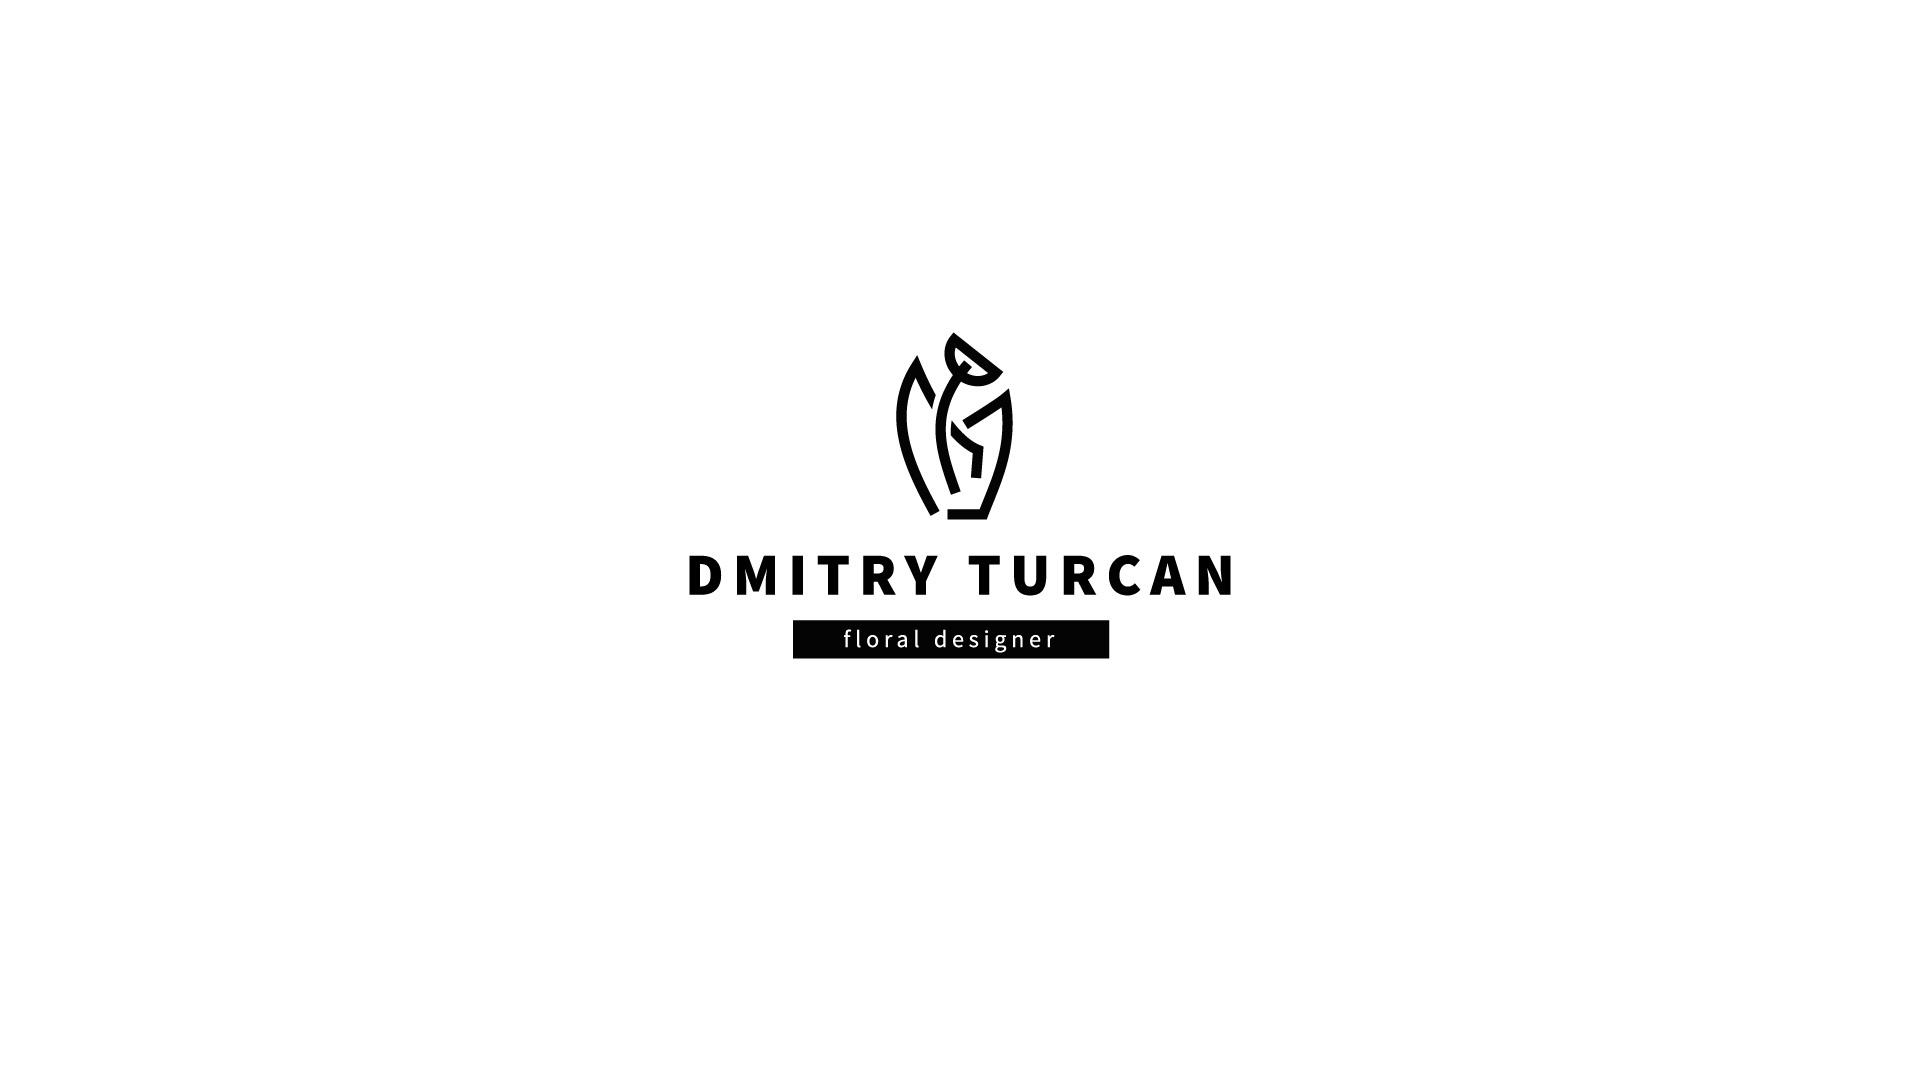 Логотип для дизайнера флориста